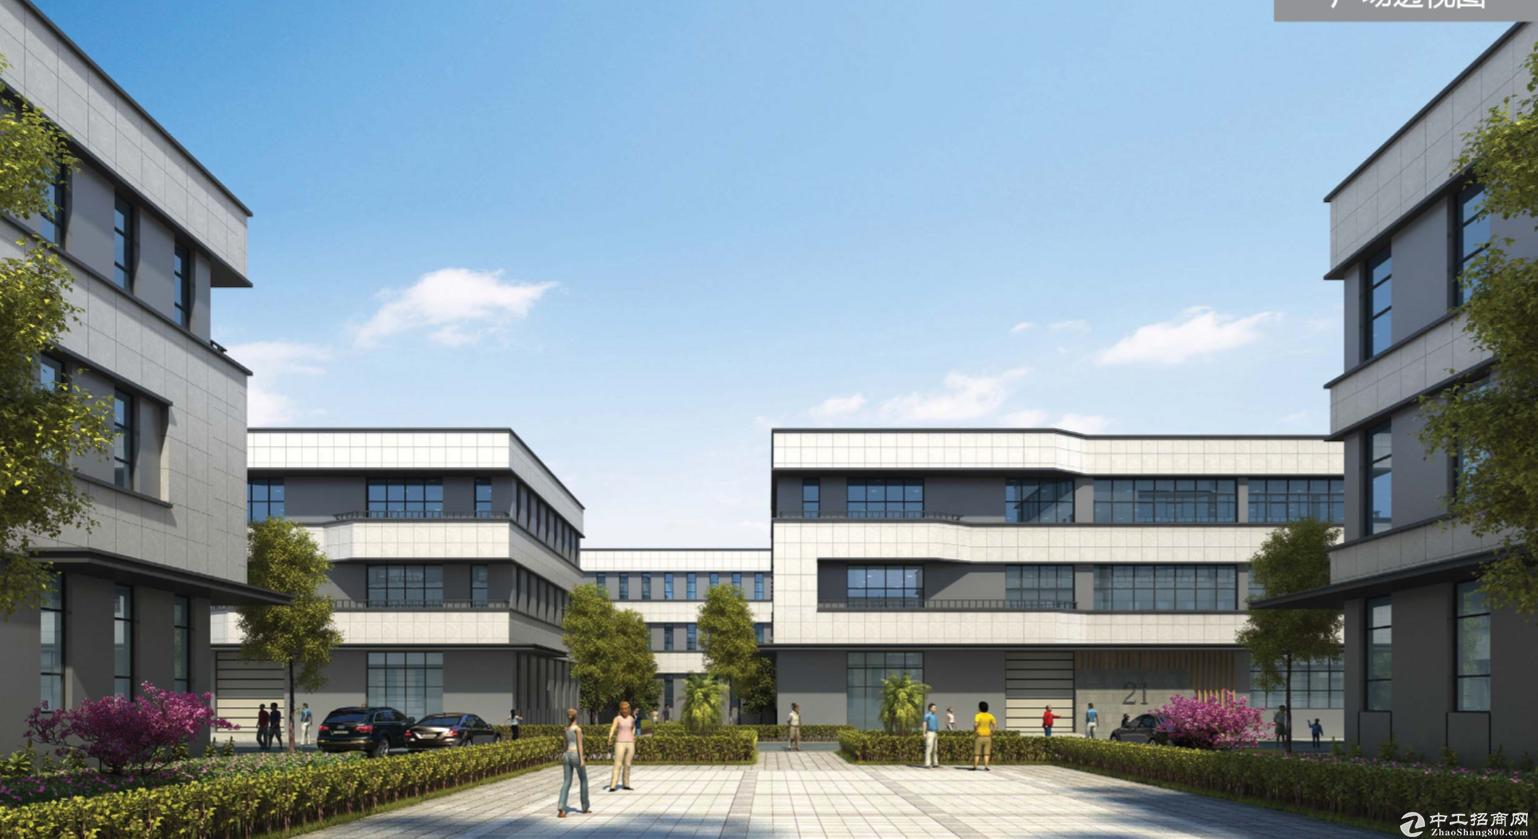 两层独栋厂房研发办公 层高8米 两证齐全首付5成